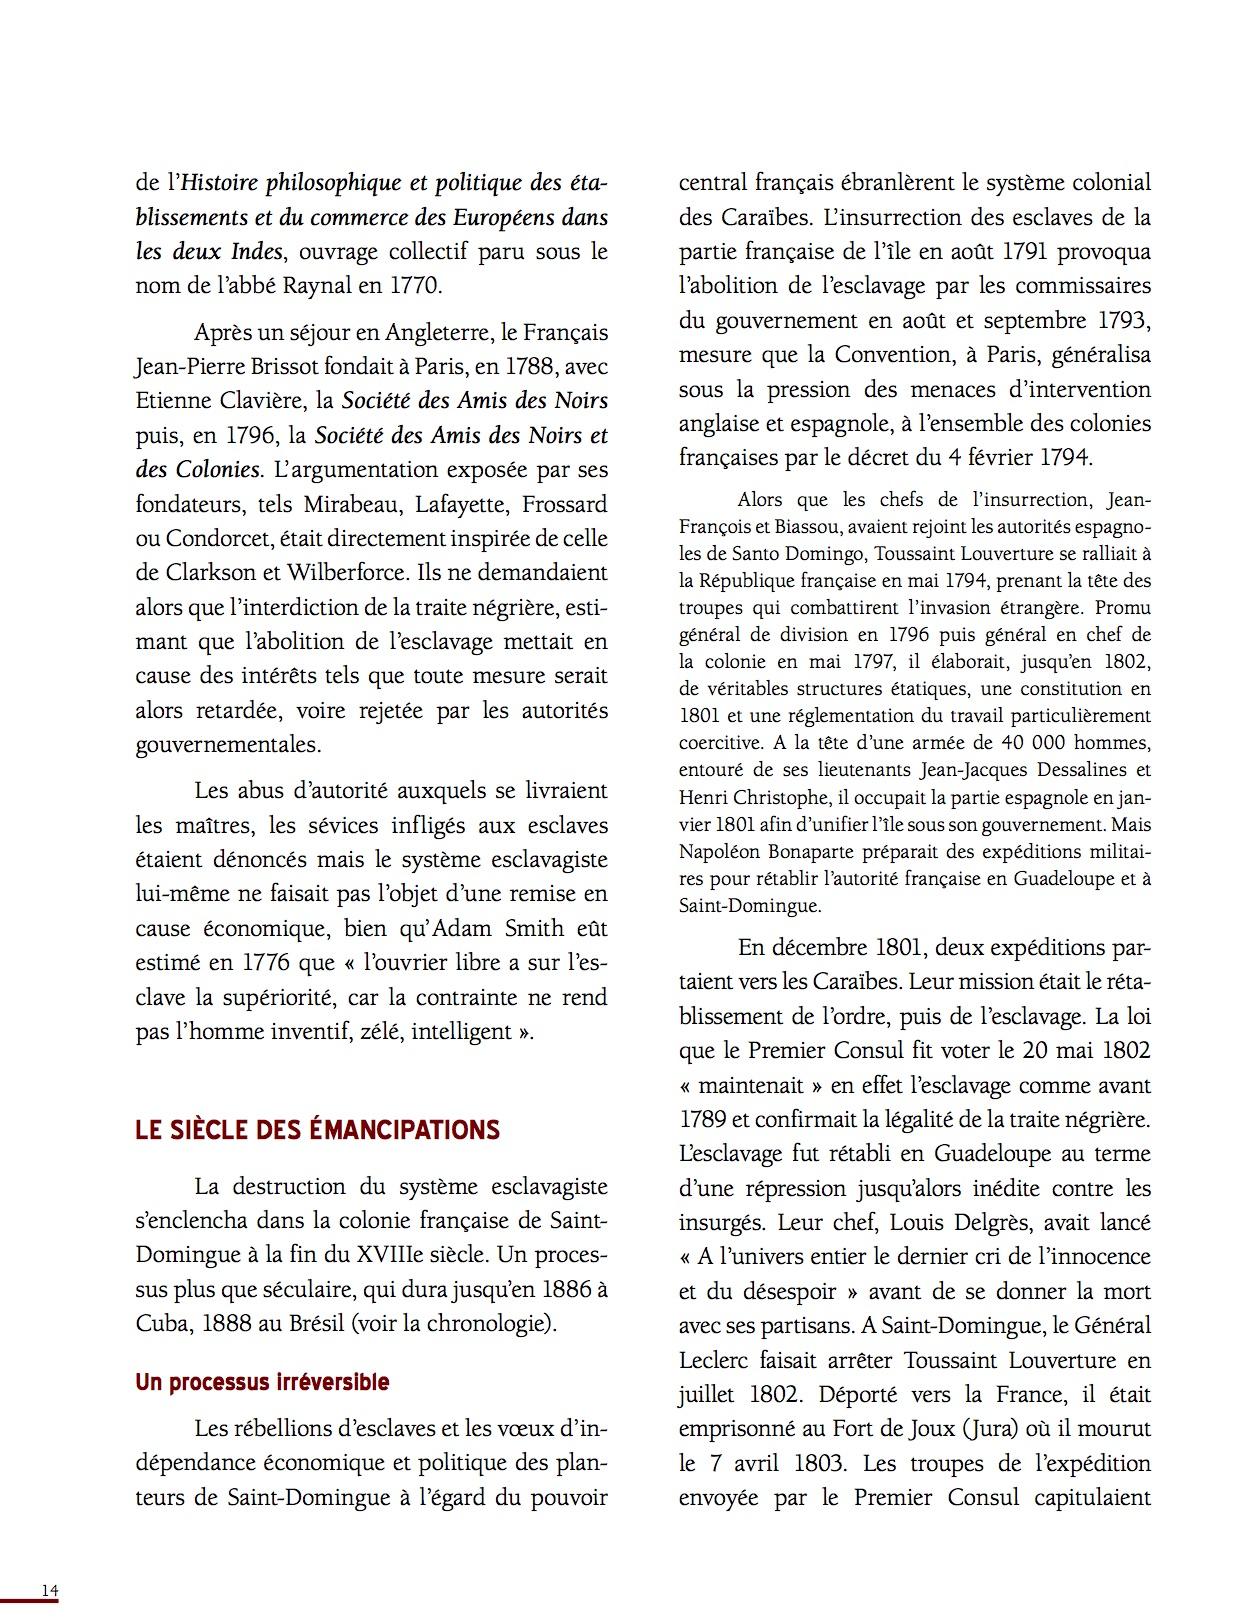 Unesco Luttes contre l'esclavage-14